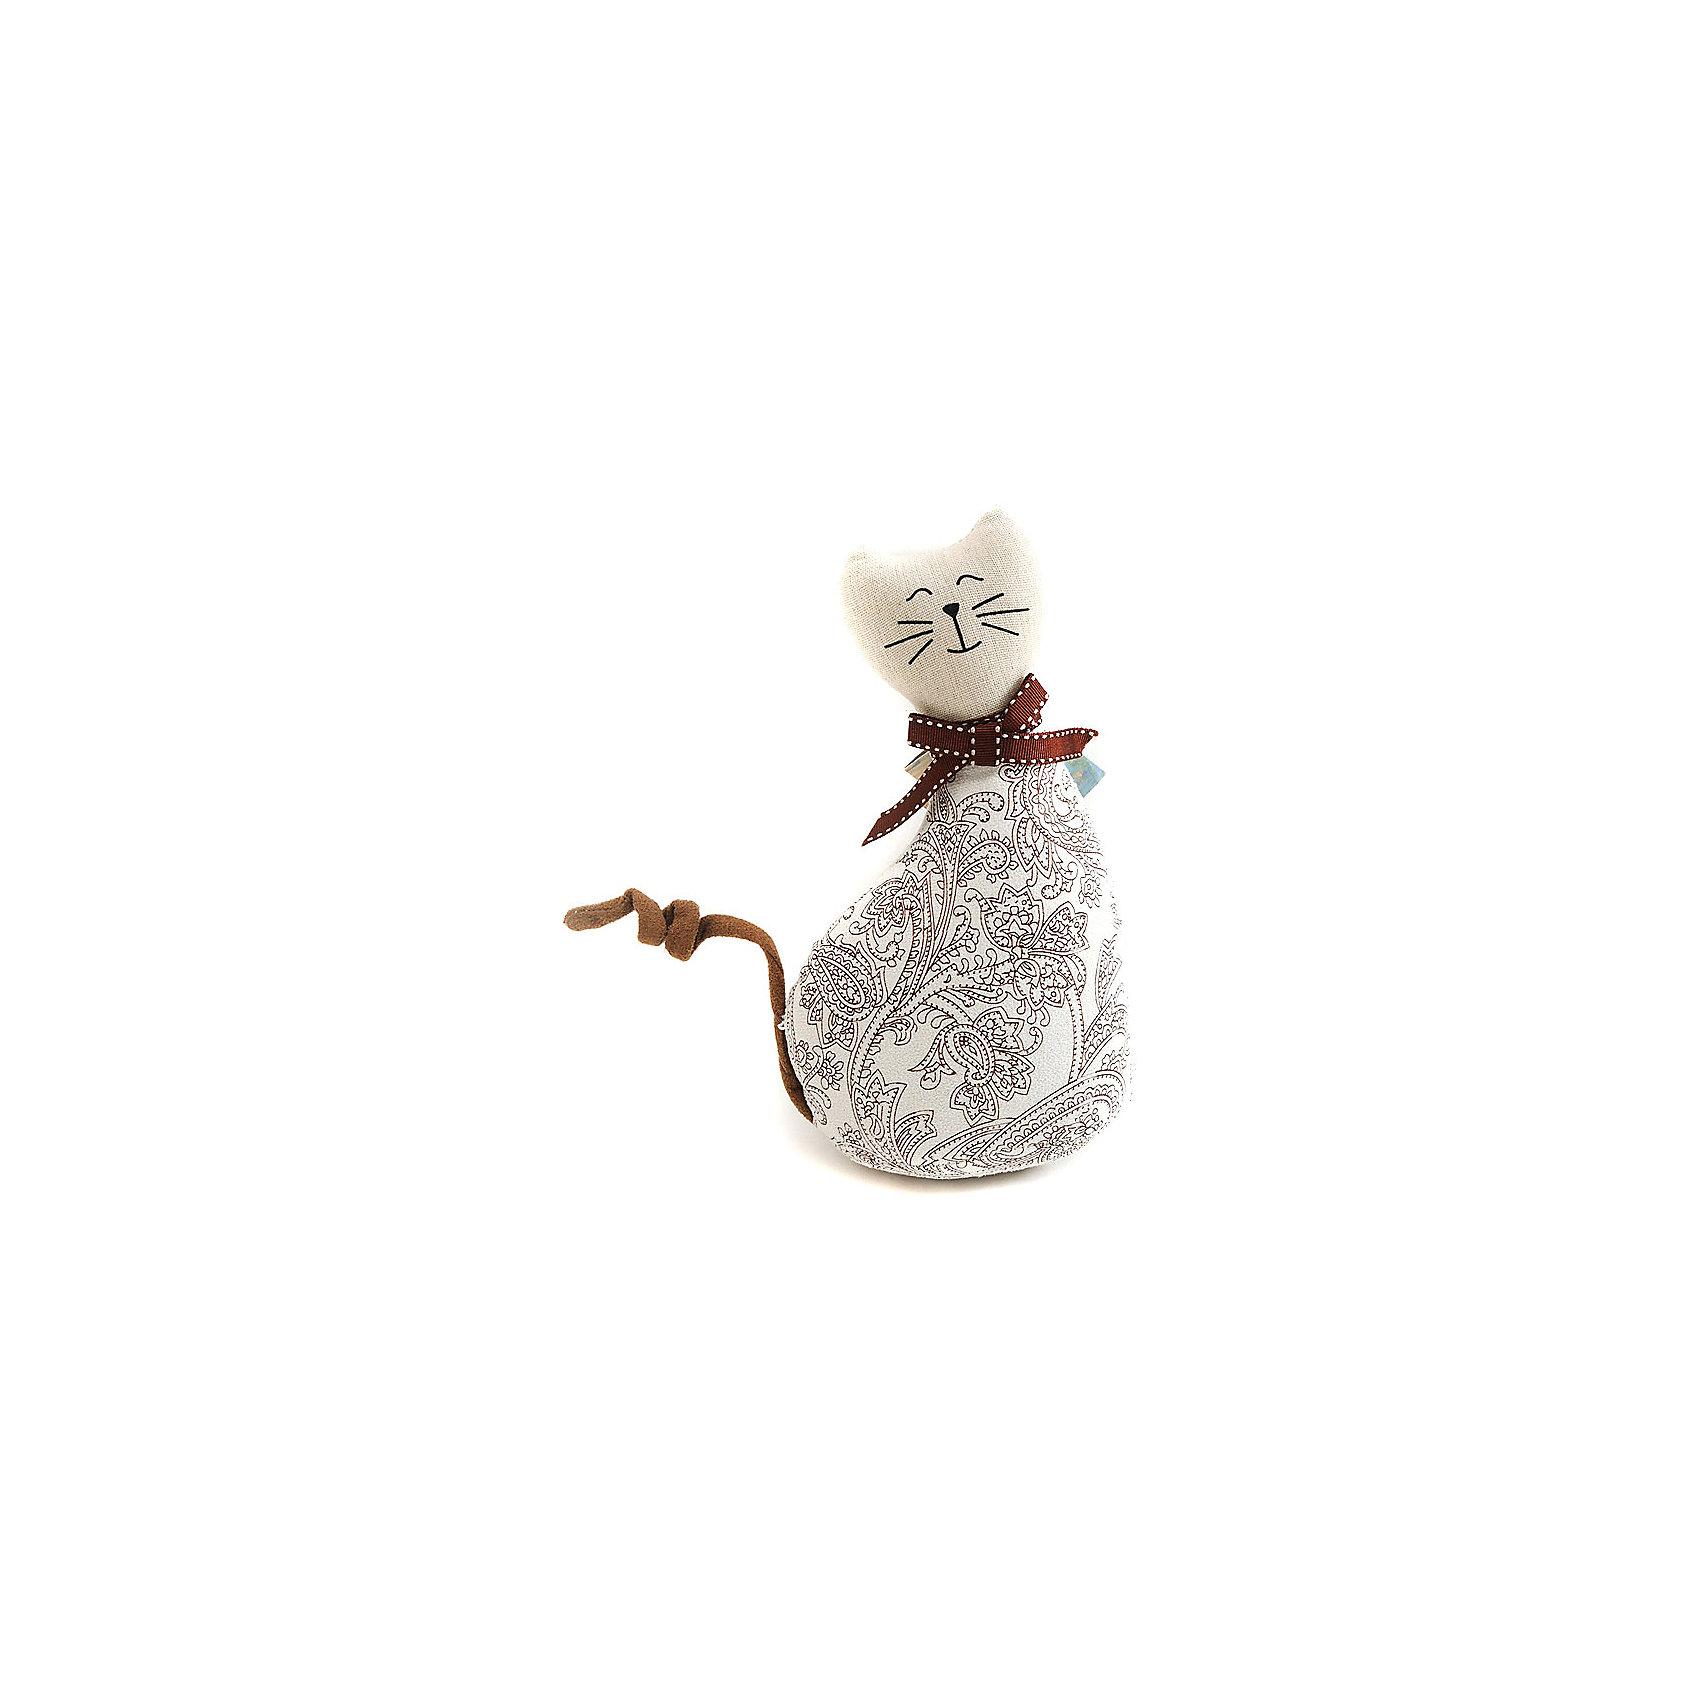 Кошка МурысяХарактеристики:<br><br>• Предназначение: для оформления интерьера<br>• Пол: универсальный<br>• Материал: текстиль<br>• Цвет: телесный, коричневый<br>• Размеры (высота игрушки): 22,5 см<br>• Вес в упаковке: 200 г <br><br>Кошка Мурыся – это интерьерная игрушка от торговой марки Белоснежка, специализирующейся на товарах для творчества и рукоделия. Кошка выполнен из текстиля с набивкой, внутри для устойчивости имеется утяжелитель. Использованные при изготовлении материалы гипоаллергенные. Игрушка имеет форму статуэтки, поэтому ее можно поставить на полку. Мурыся может стать прекрасным подарком на новоселье с пожеланиями благополучия, удачи, мира и добра.<br><br>Кошку Мурысю можно купить в нашем интернет-магазине.<br><br>Ширина мм: 225<br>Глубина мм: 115<br>Высота мм: 80<br>Вес г: 4420<br>Возраст от месяцев: 72<br>Возраст до месяцев: 144<br>Пол: Унисекс<br>Возраст: Детский<br>SKU: 5089808